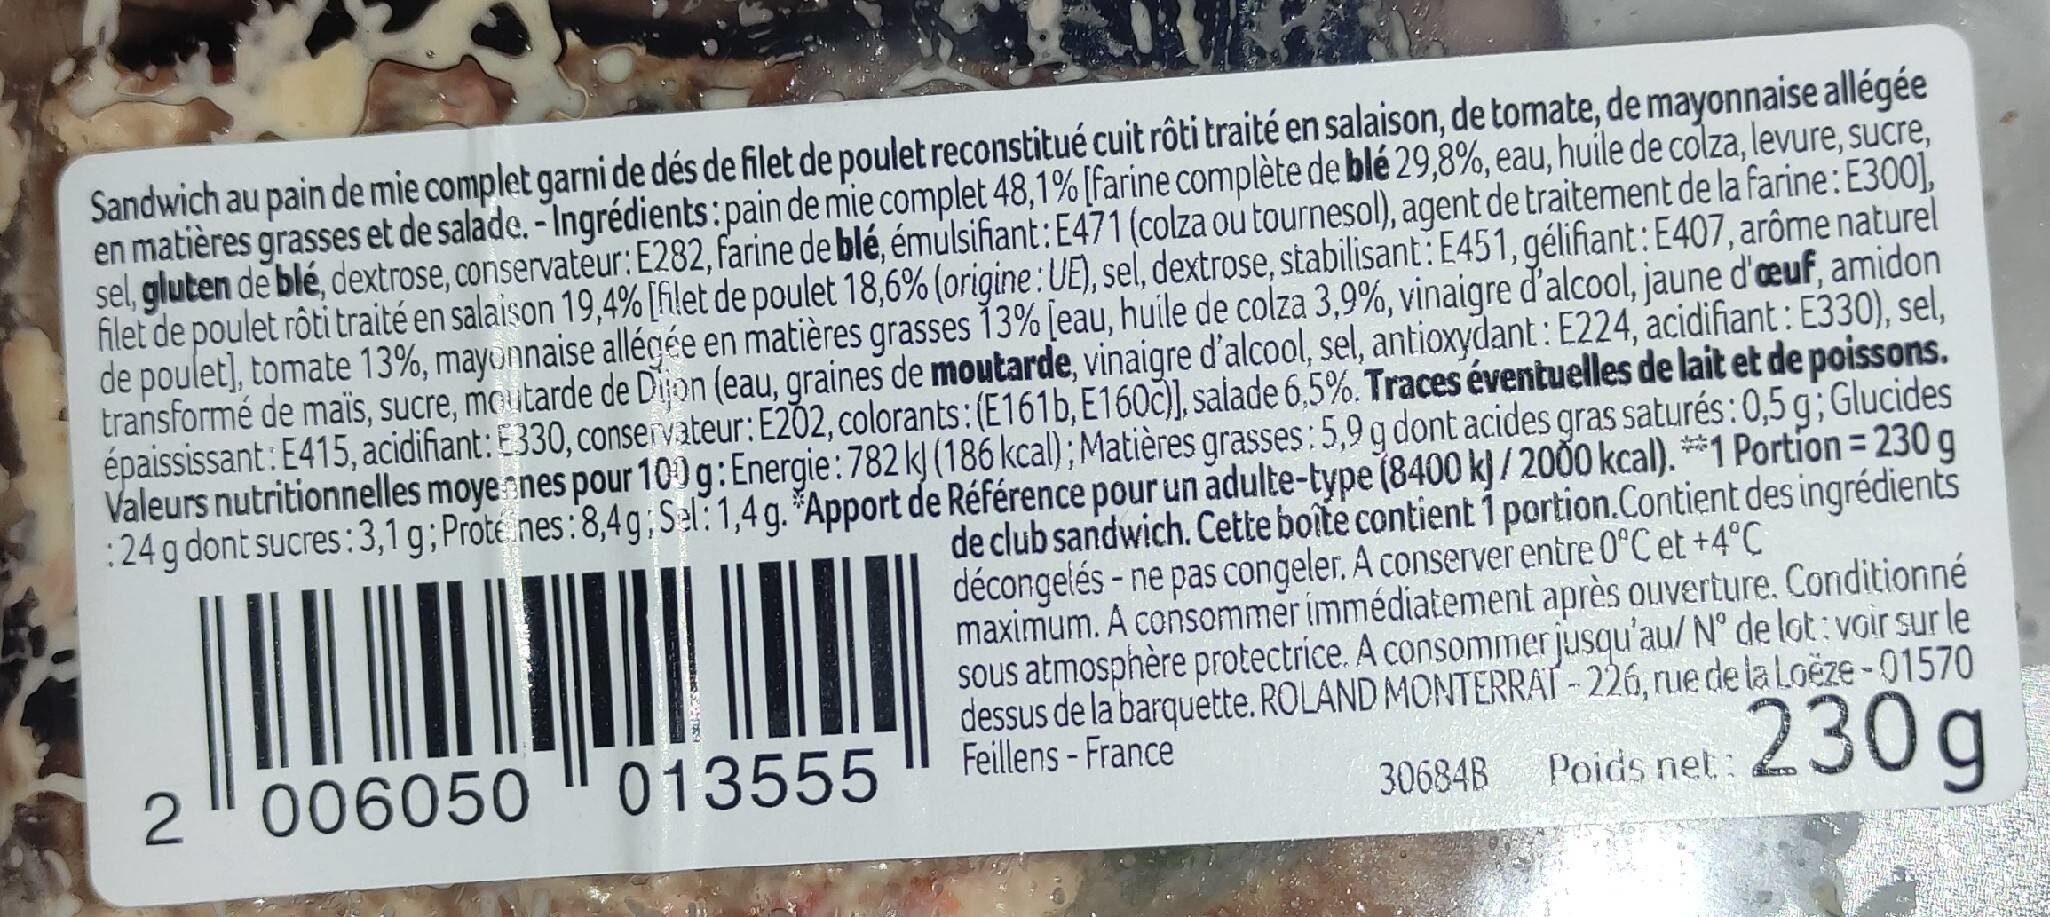 3 maxi sandwichs - poulet crudités - Voedingswaarden - fr